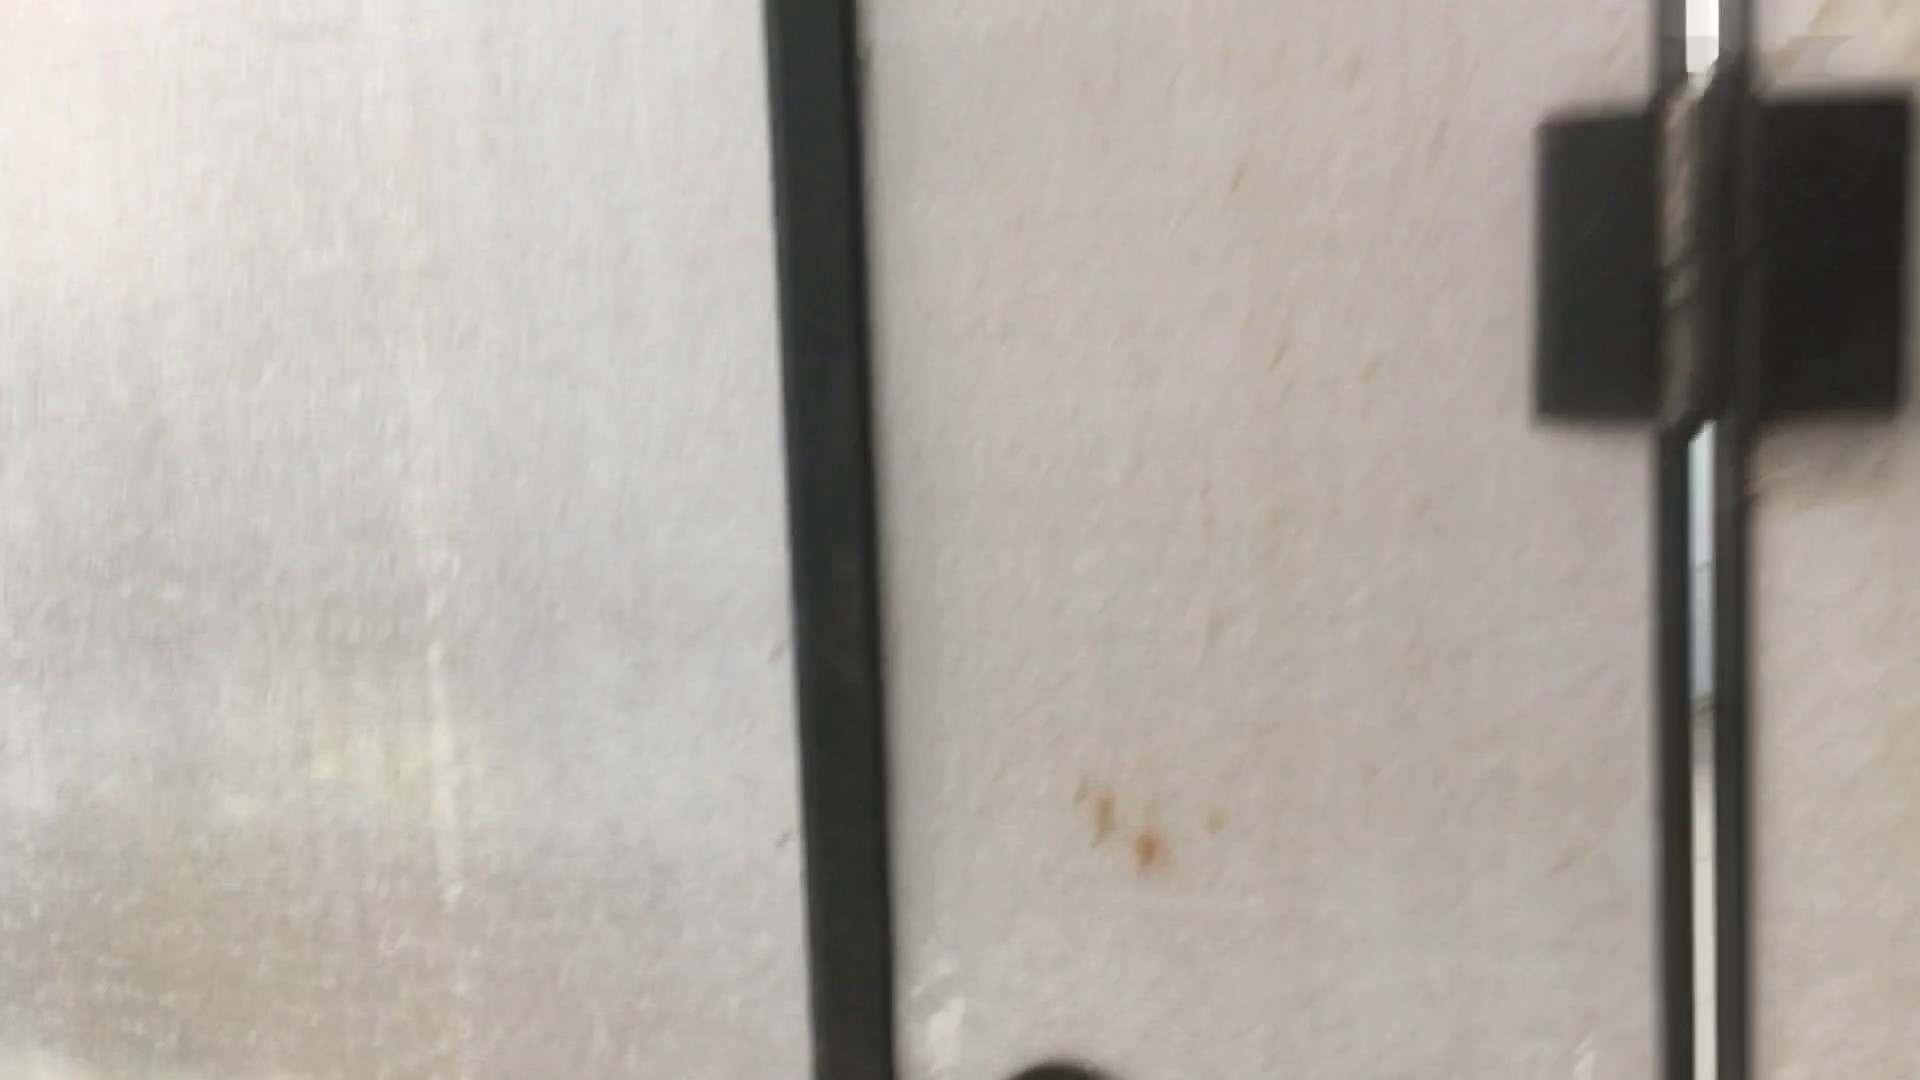 芸術大学ガチ潜入盗sati JD盗撮 美女の洗面所の秘密 Vol.95 美女 えろ無修正画像 100画像 49